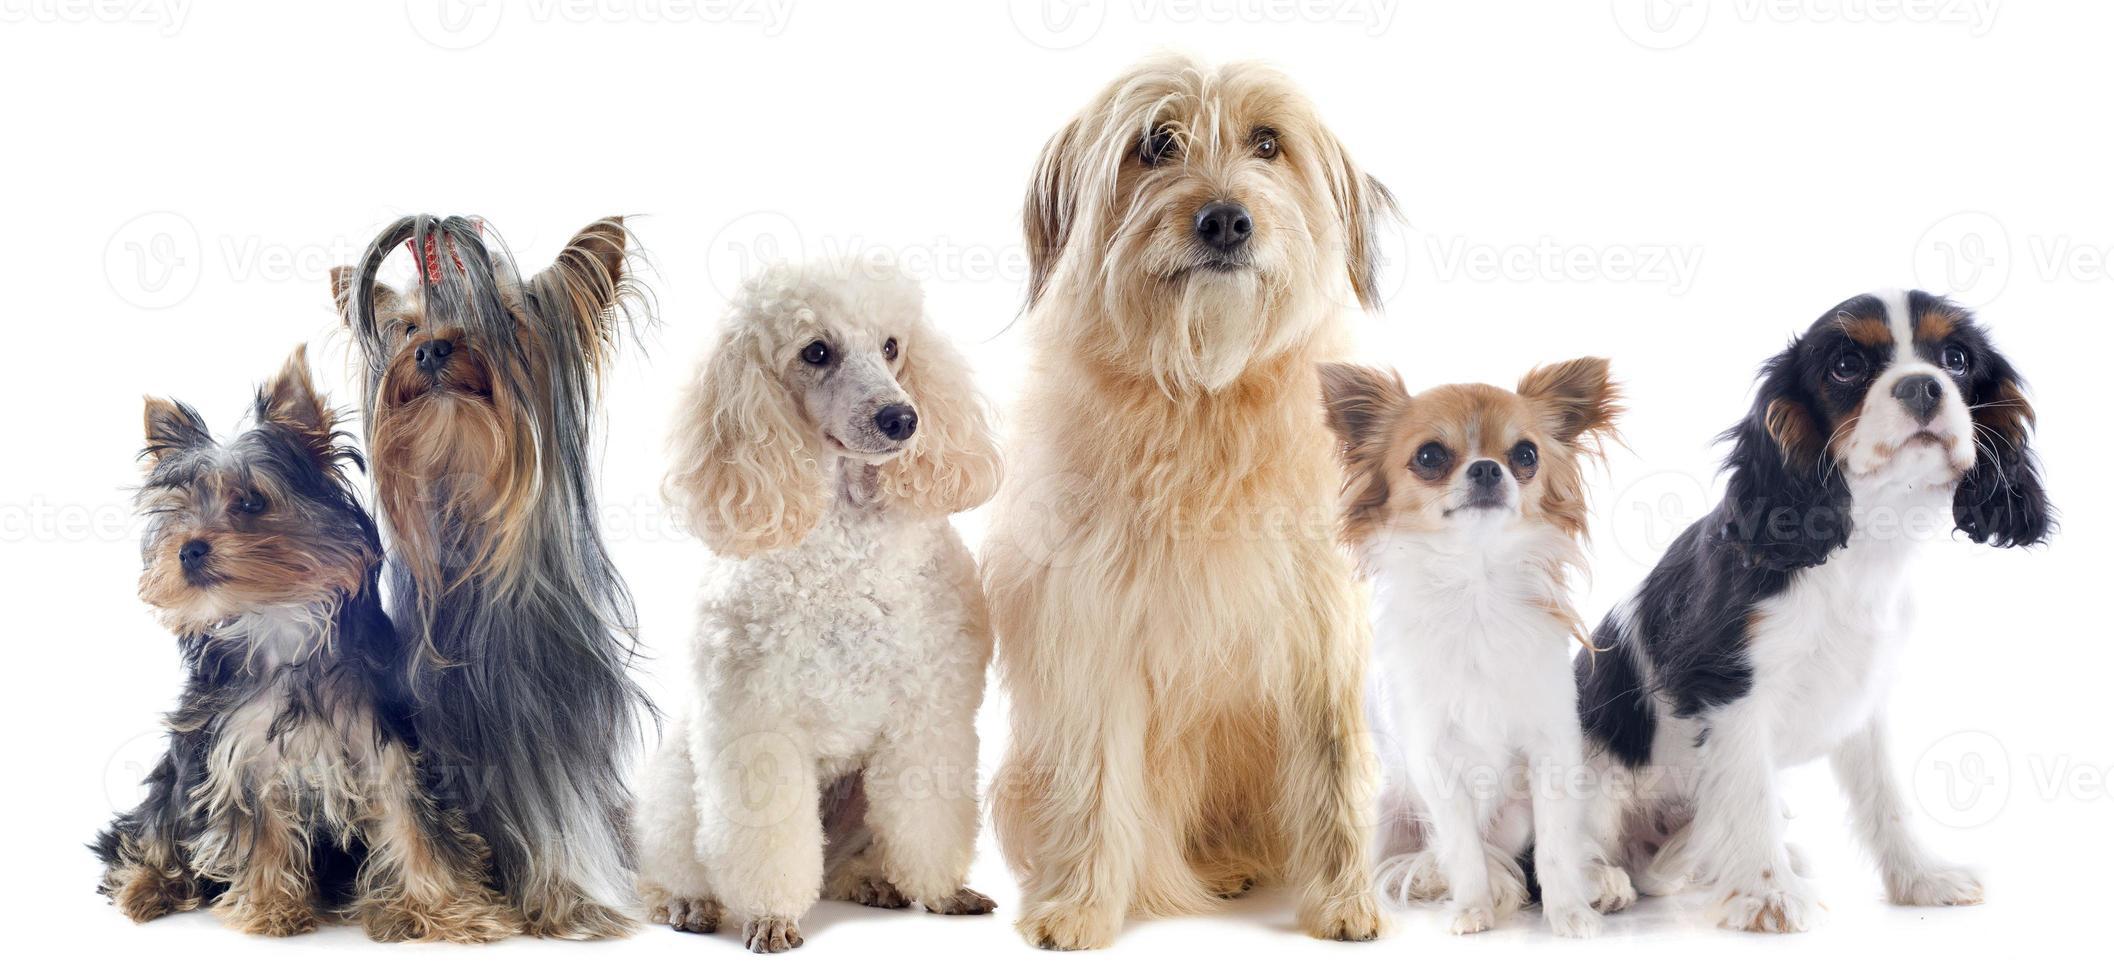 sechs kleine Hunde foto